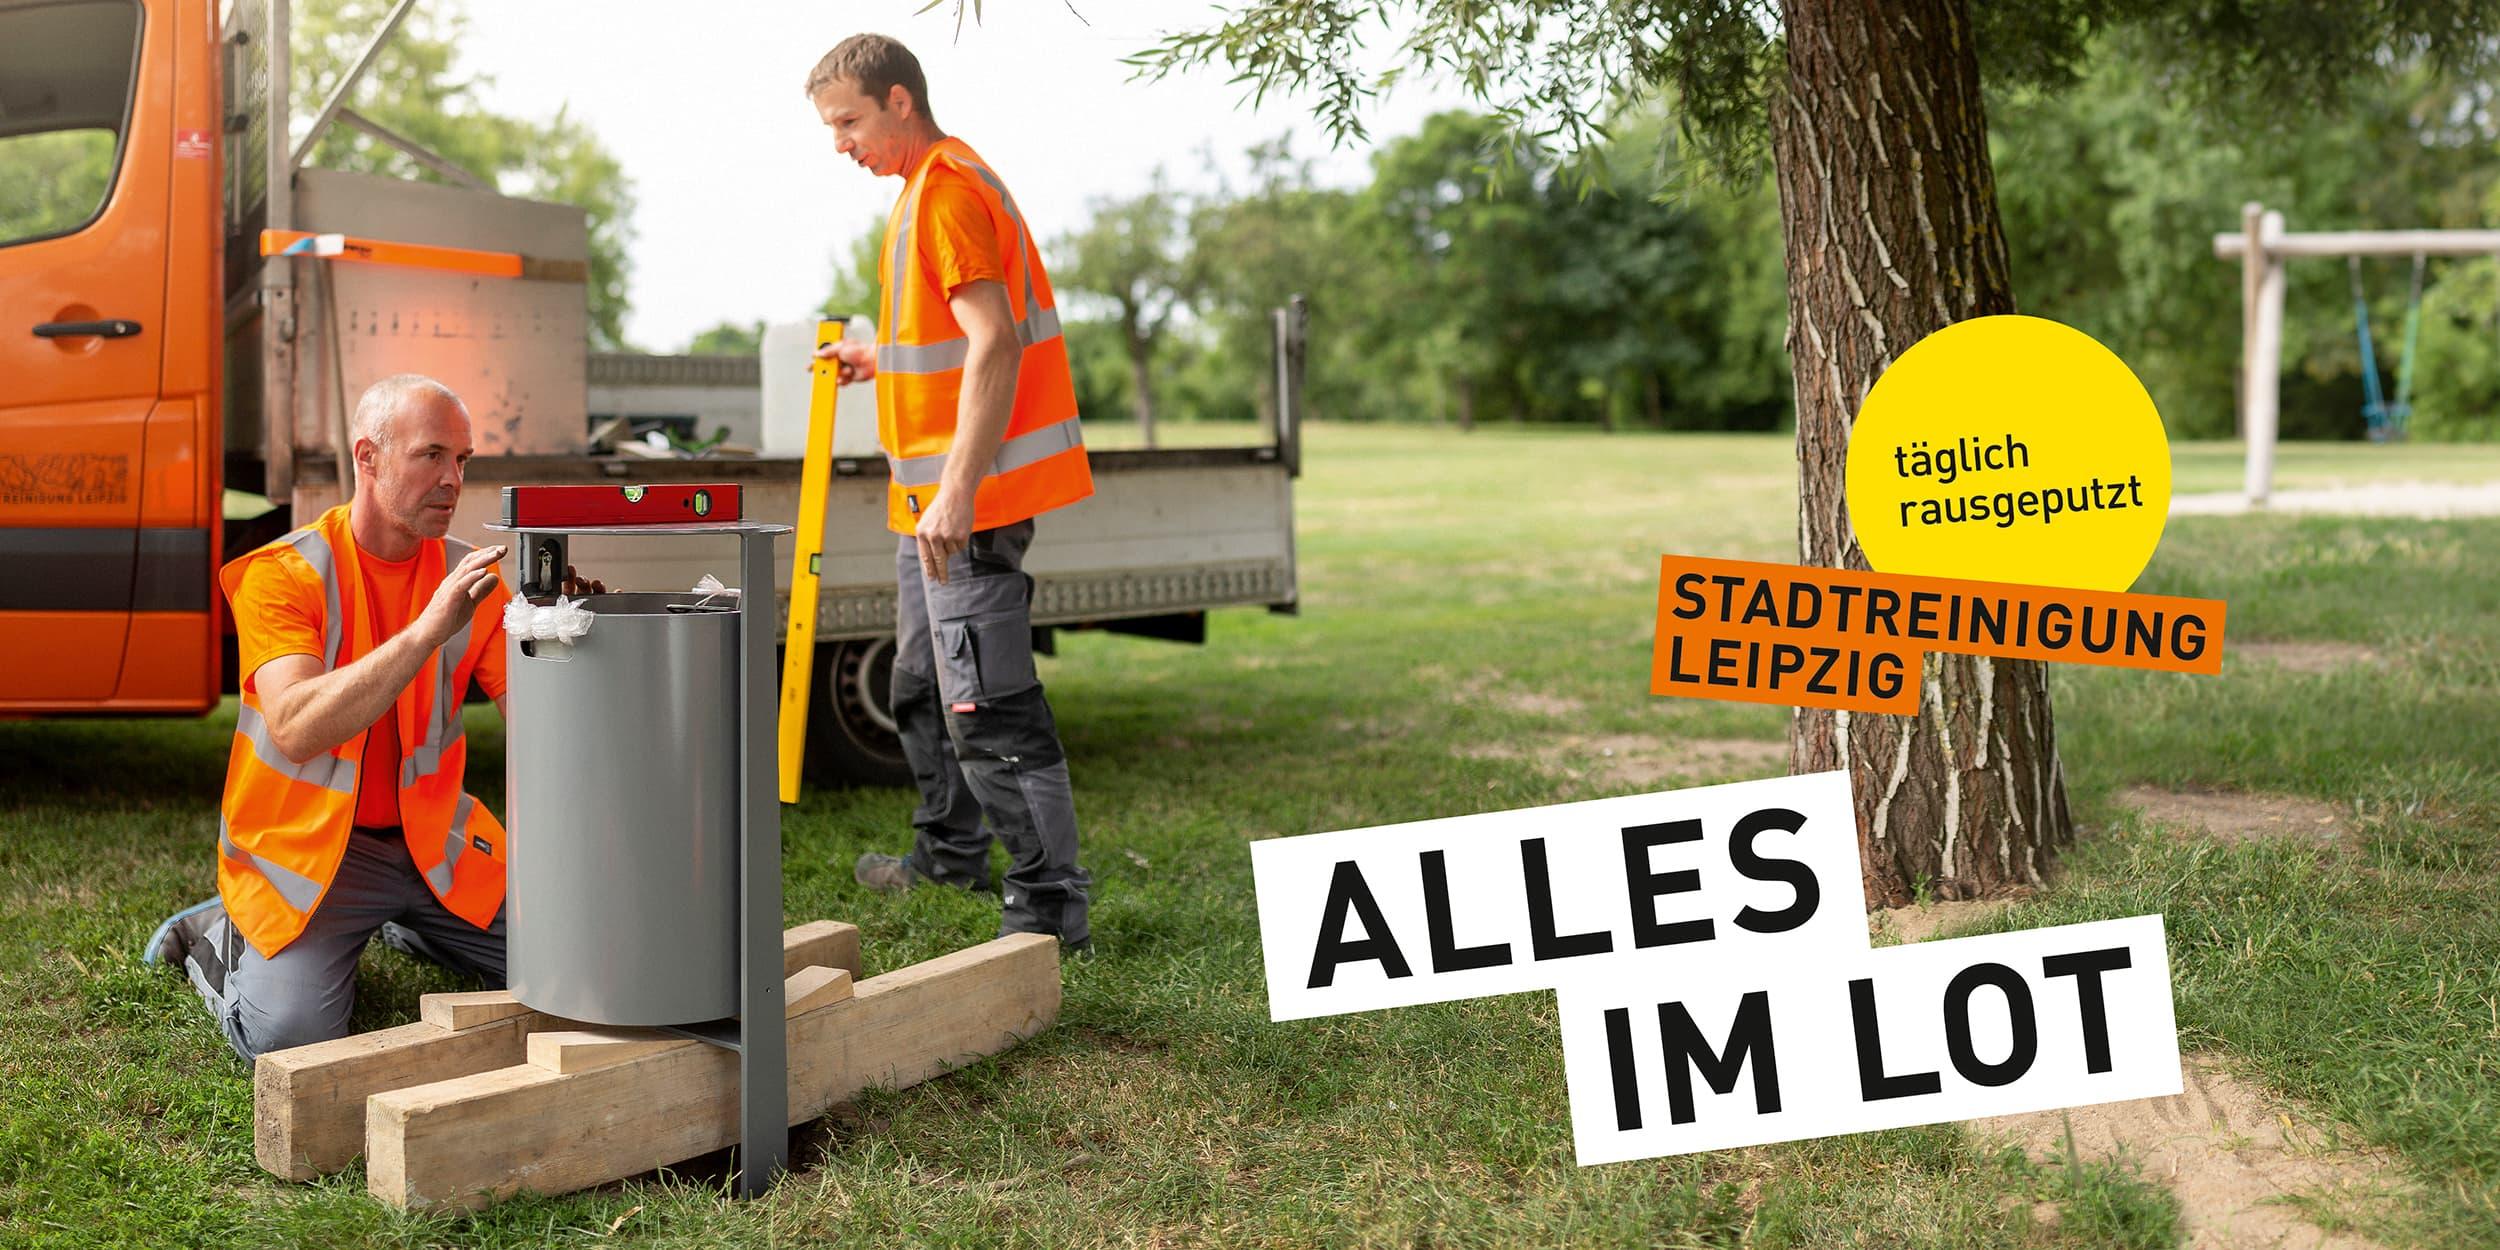 Stadtreinigung Leipzig - Portraitfotografie während der Installation eines Papierkorbs im Clara-Park Leipzig.  © Regentaucher Fotografie